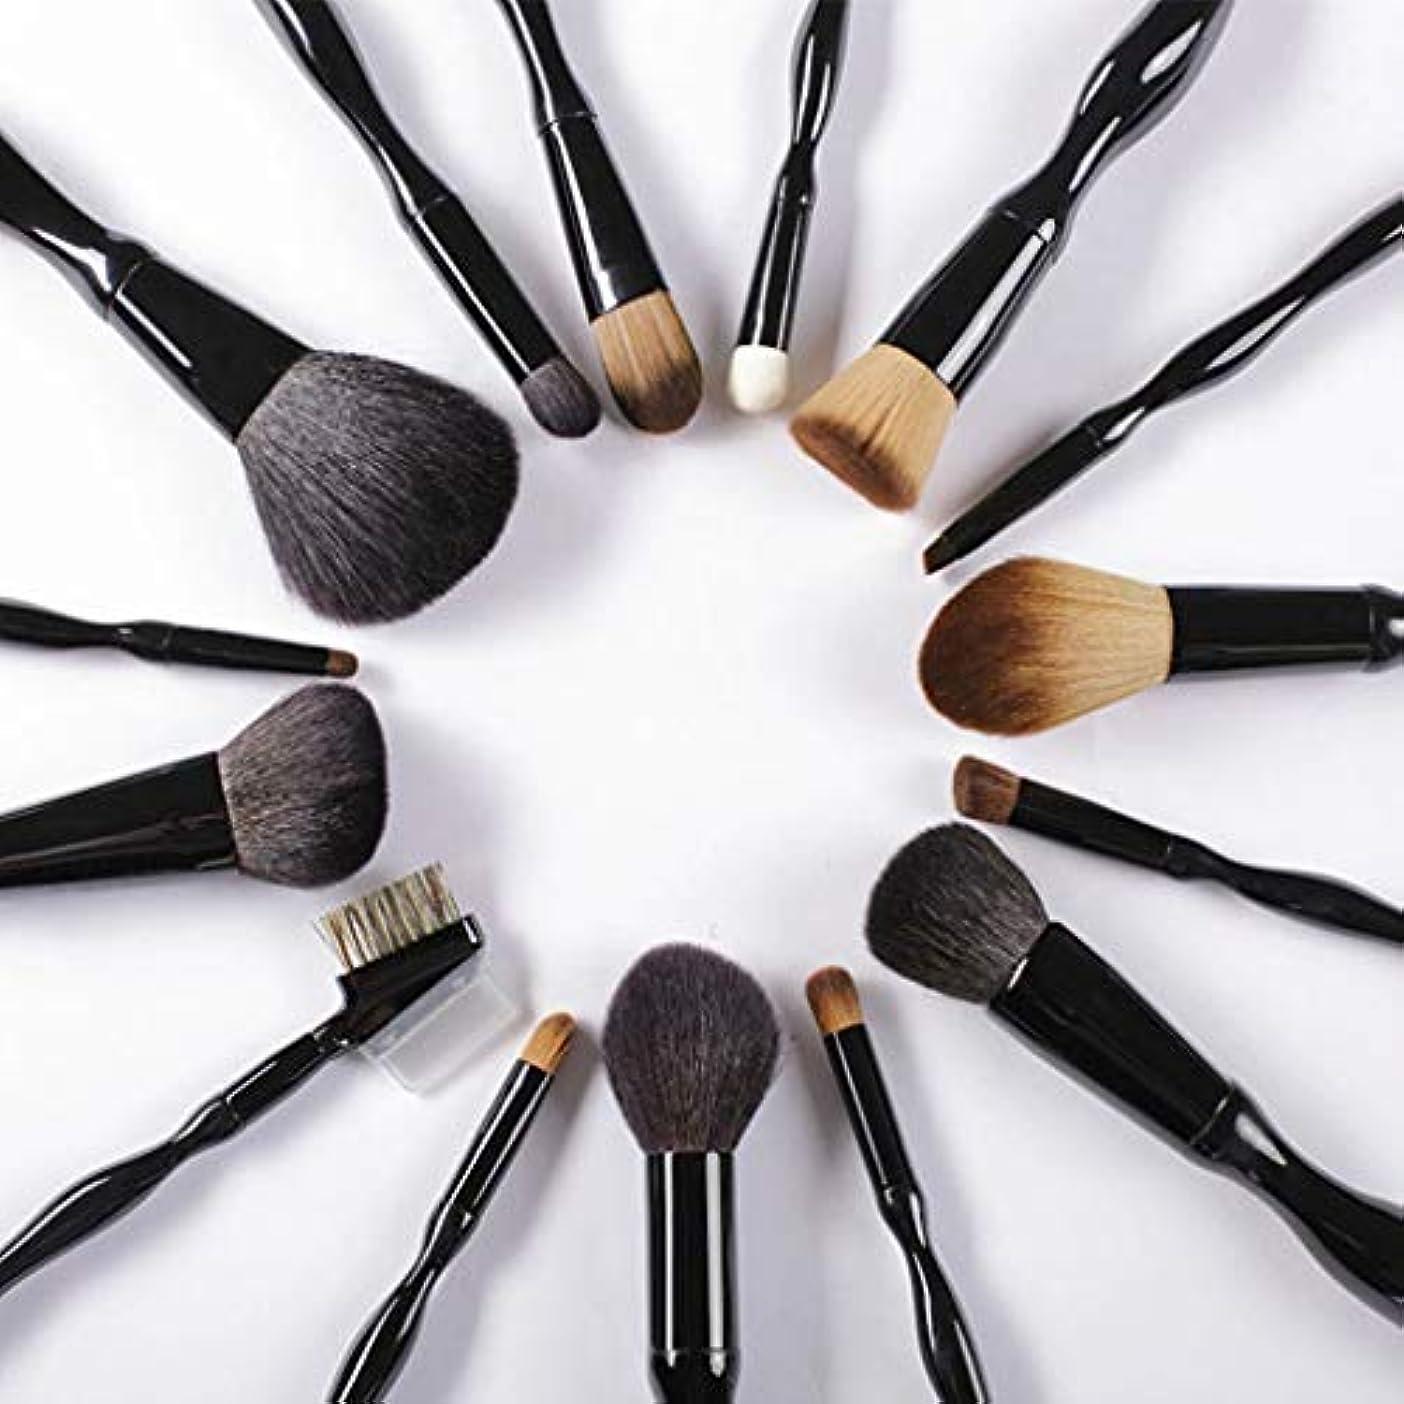 威するピン瞳15化粧ブラシボディカーブファンデーションブラシ化粧ブラシ美容ツール